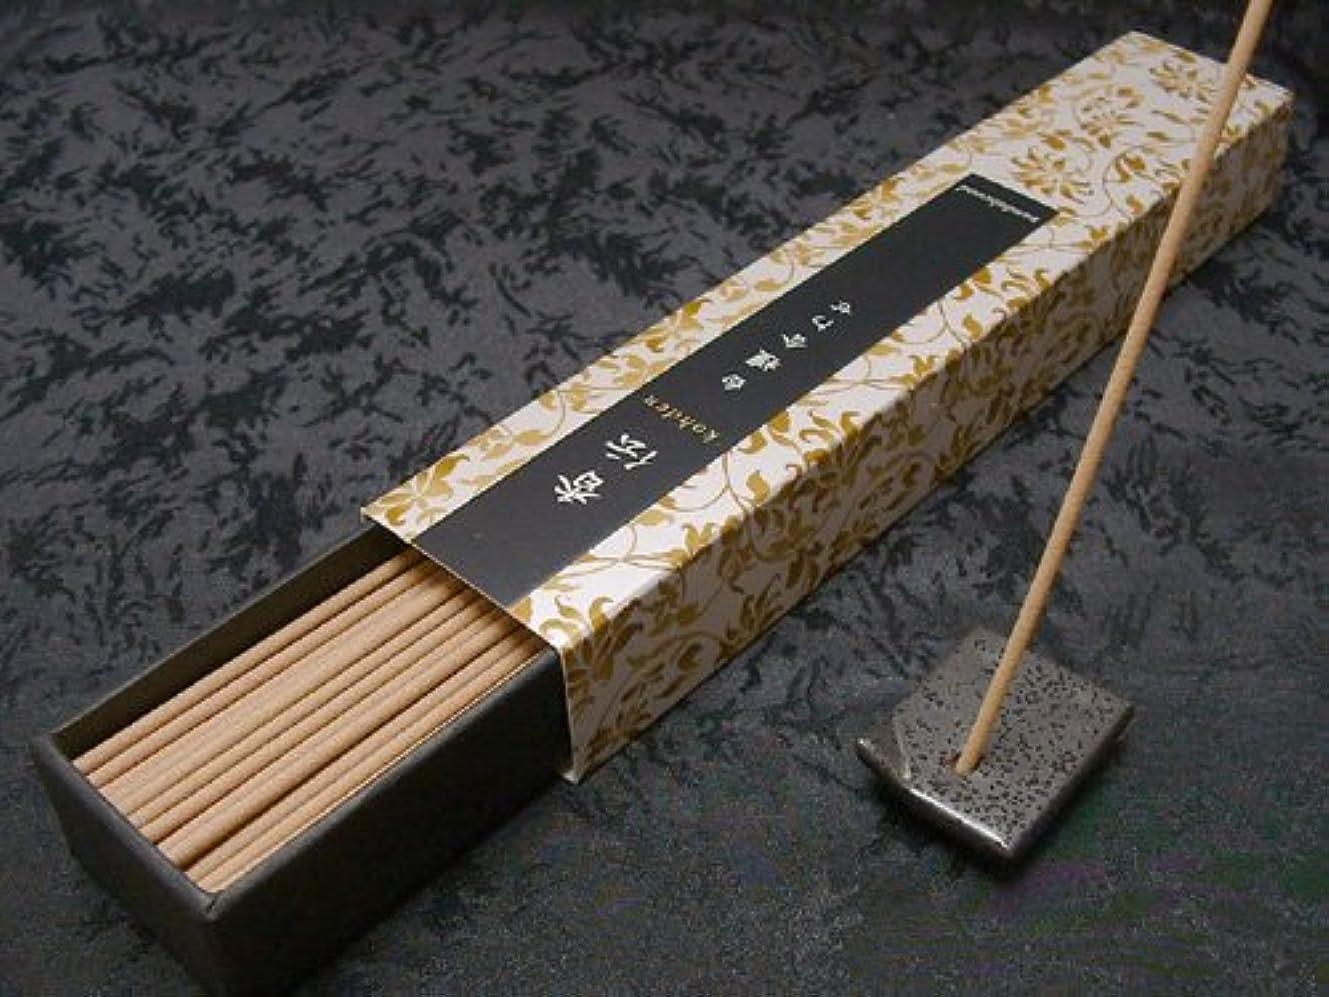 リーダーシップアデレードシソーラス日本香堂のお香 香伝 白檀合わせ